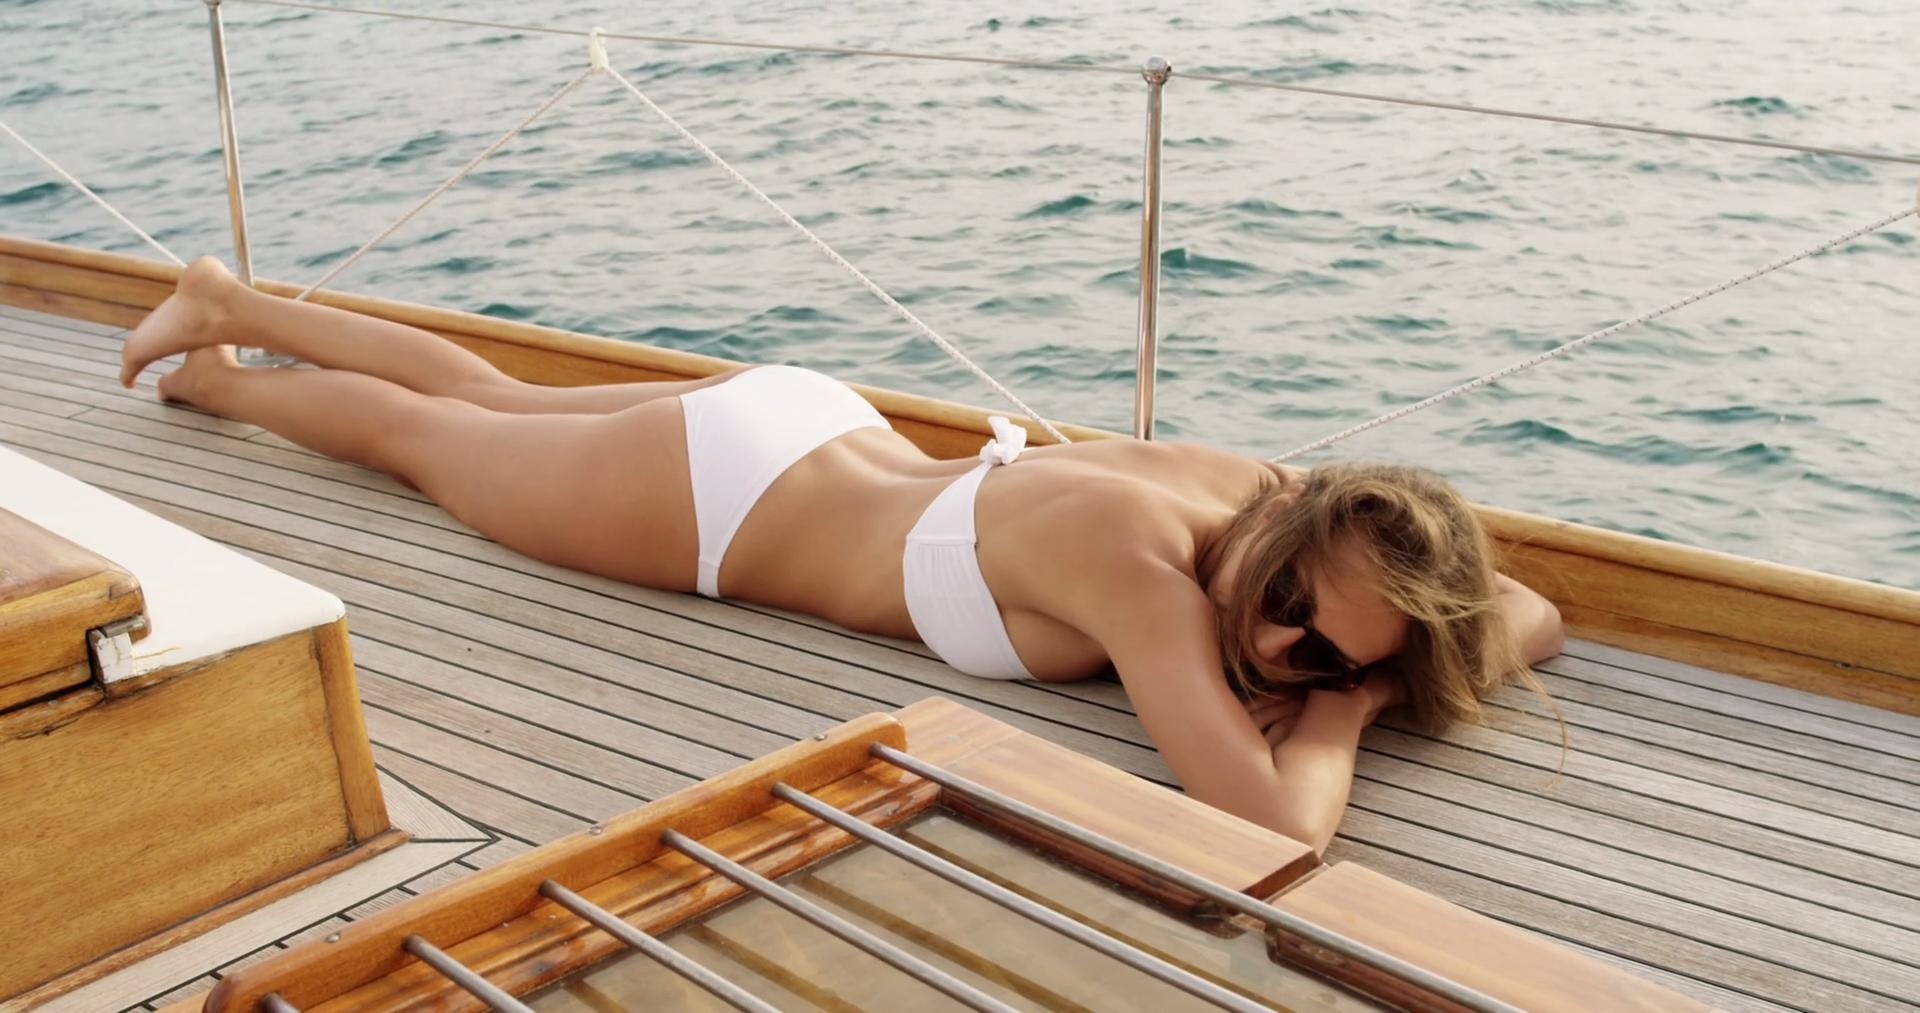 Bikini tanning woman